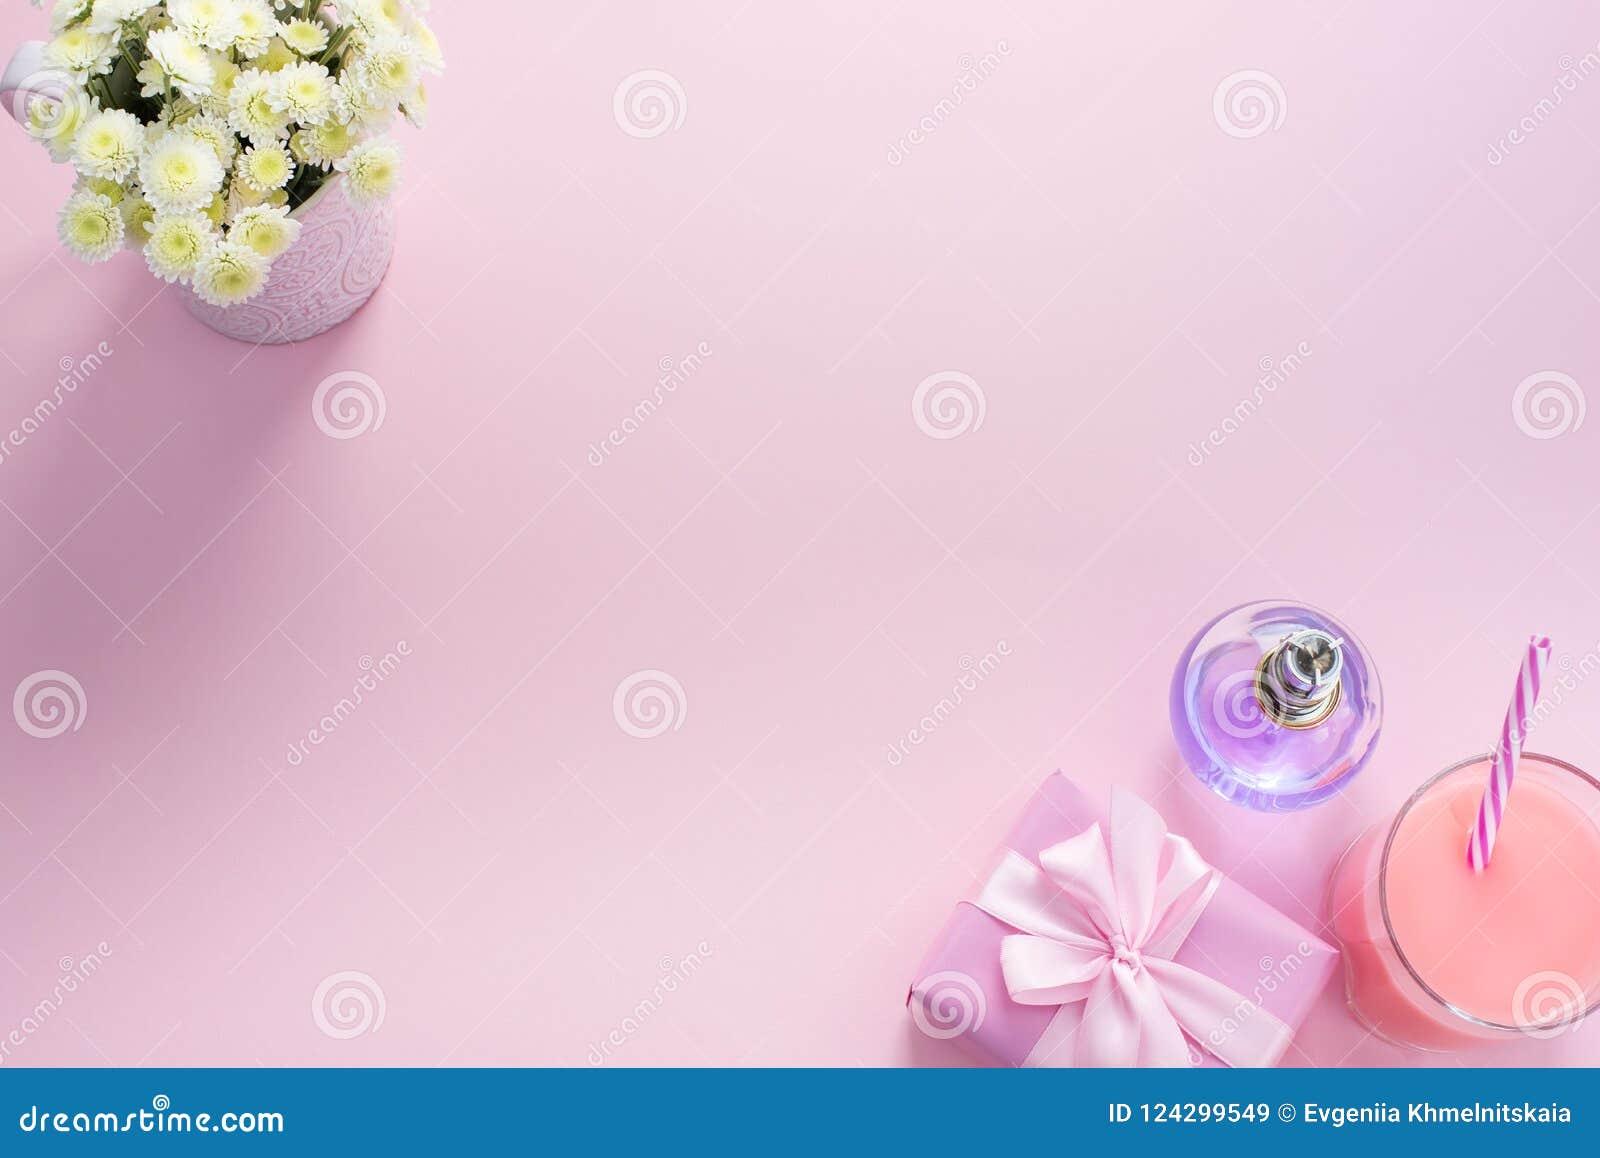 Dekorativer Zusammensetzungsebenen-Lagesatz Einzelteile blüht Draufsicht-Kopienraum des Parfümcocktailgeschenks